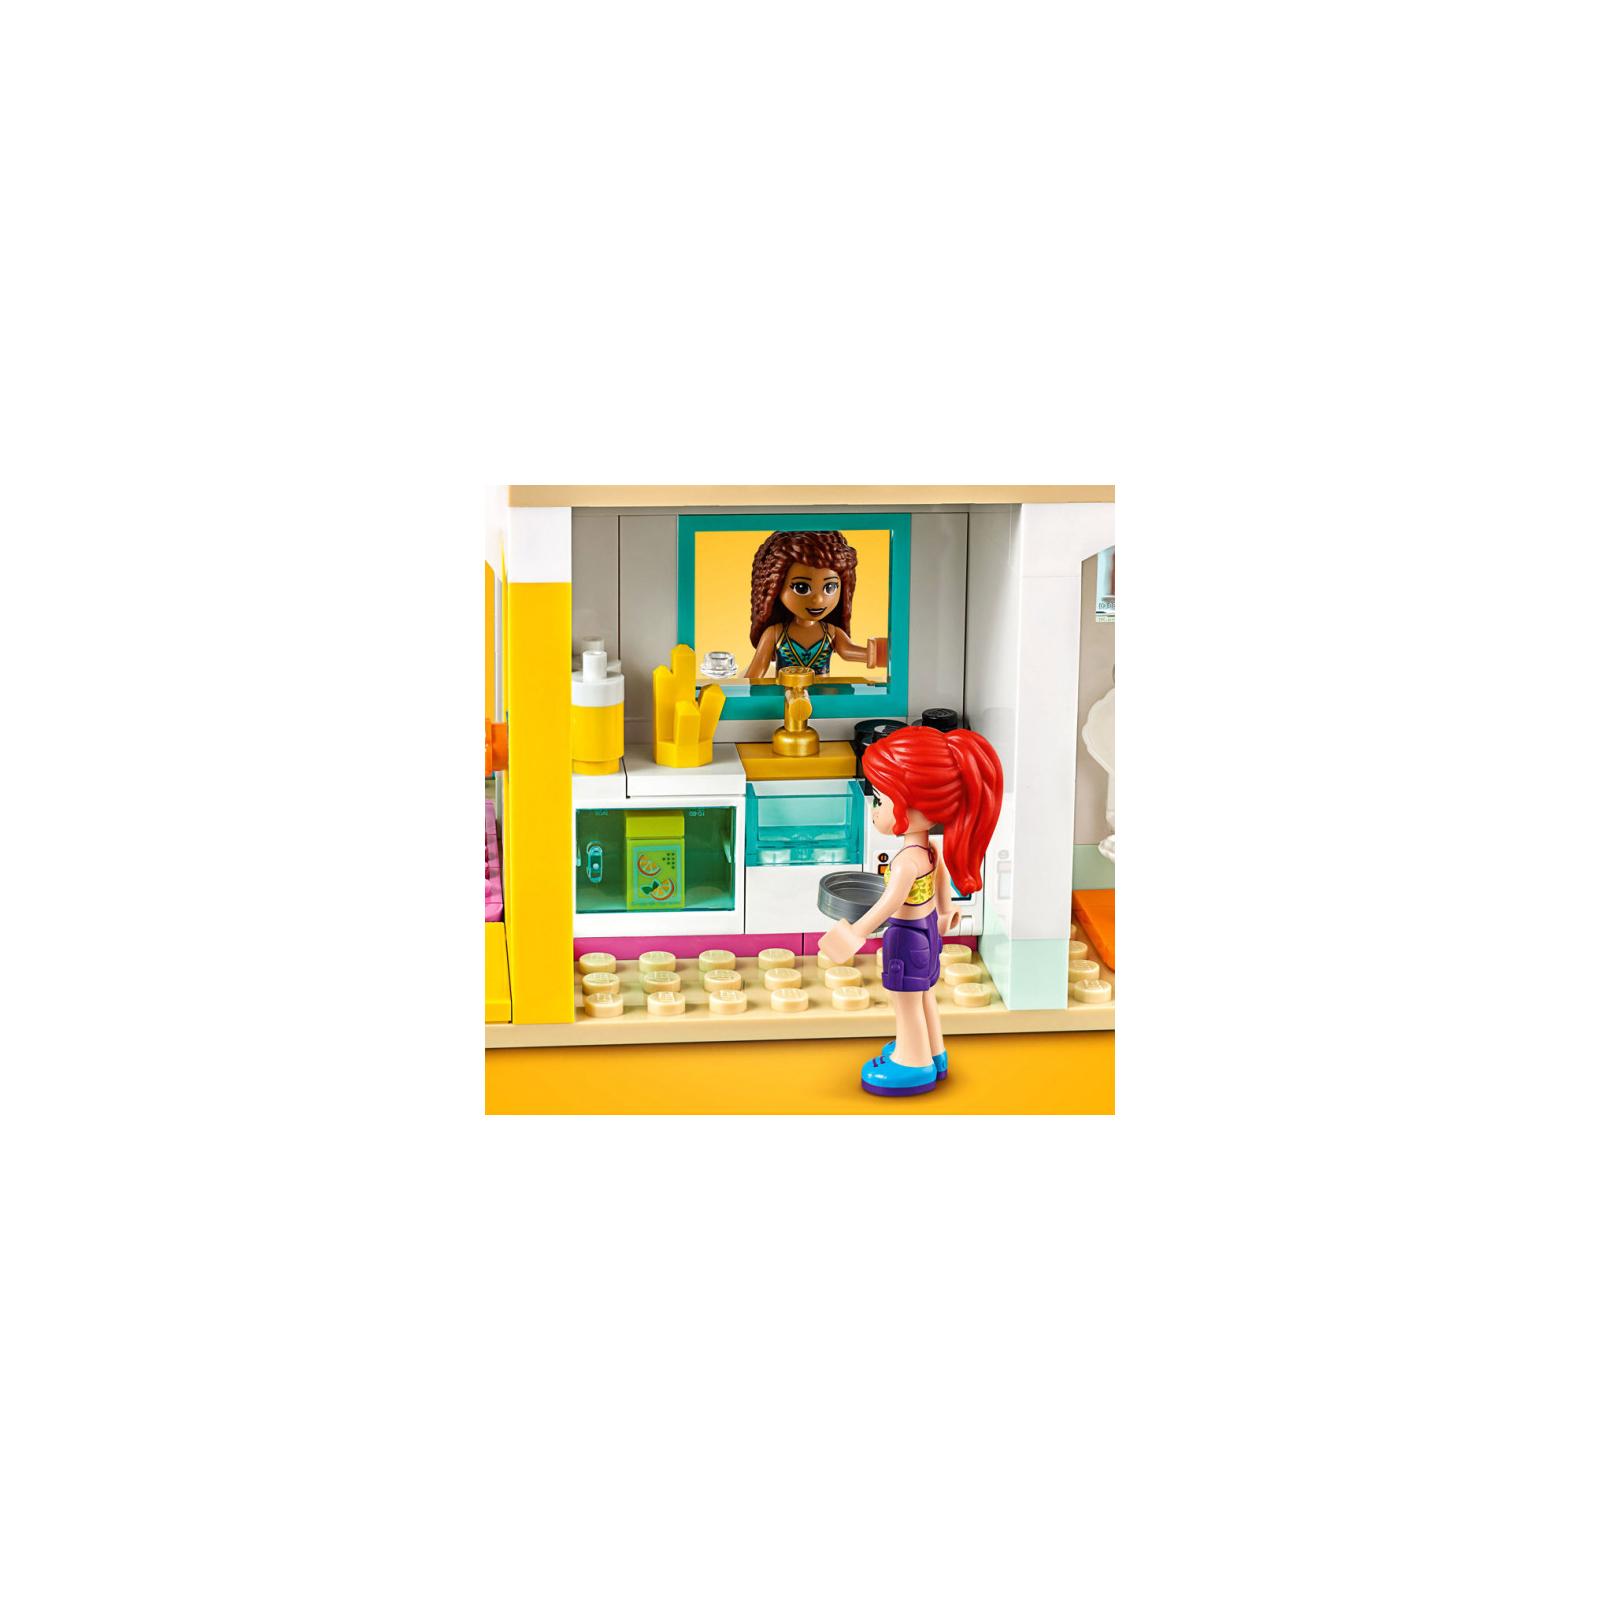 Конструктор LEGO Friends Пляжный домик 444 детали (41428) изображение 9